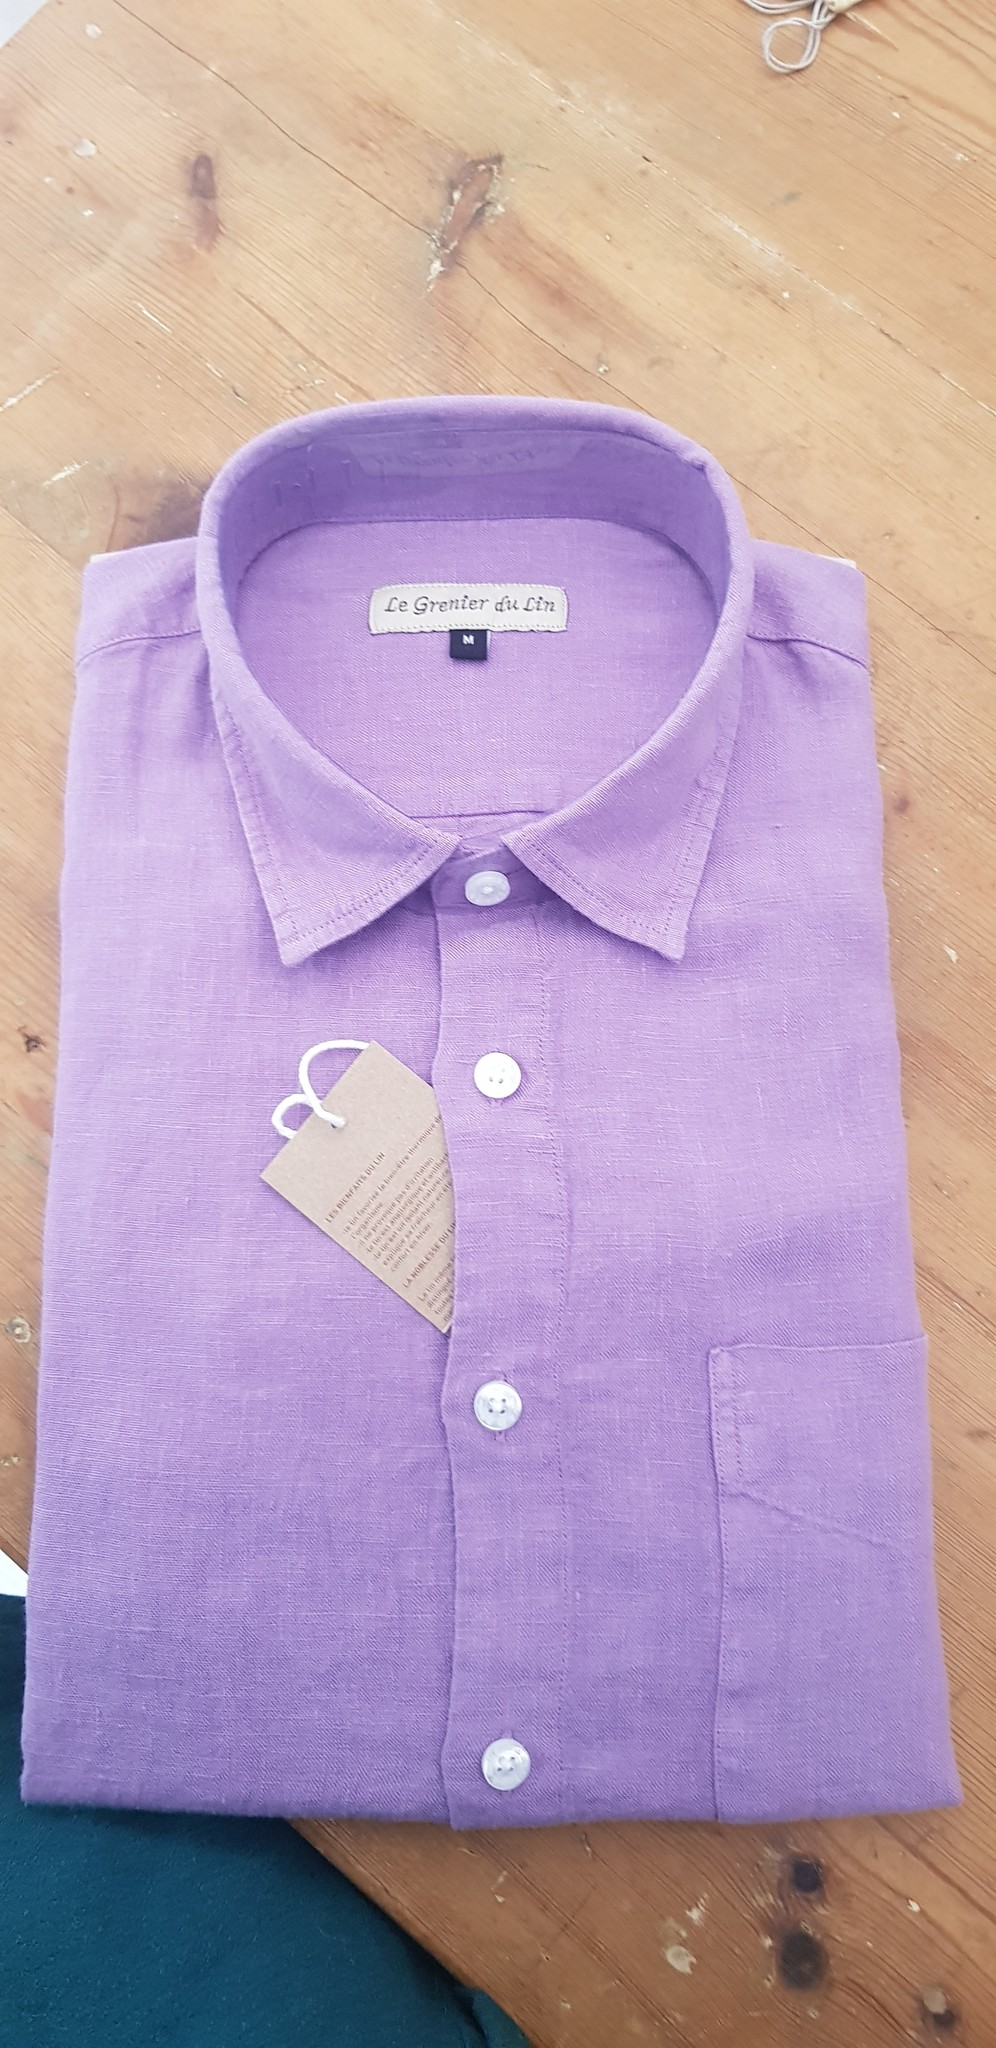 Le grenier du lin Lila shirt met lange mouwen